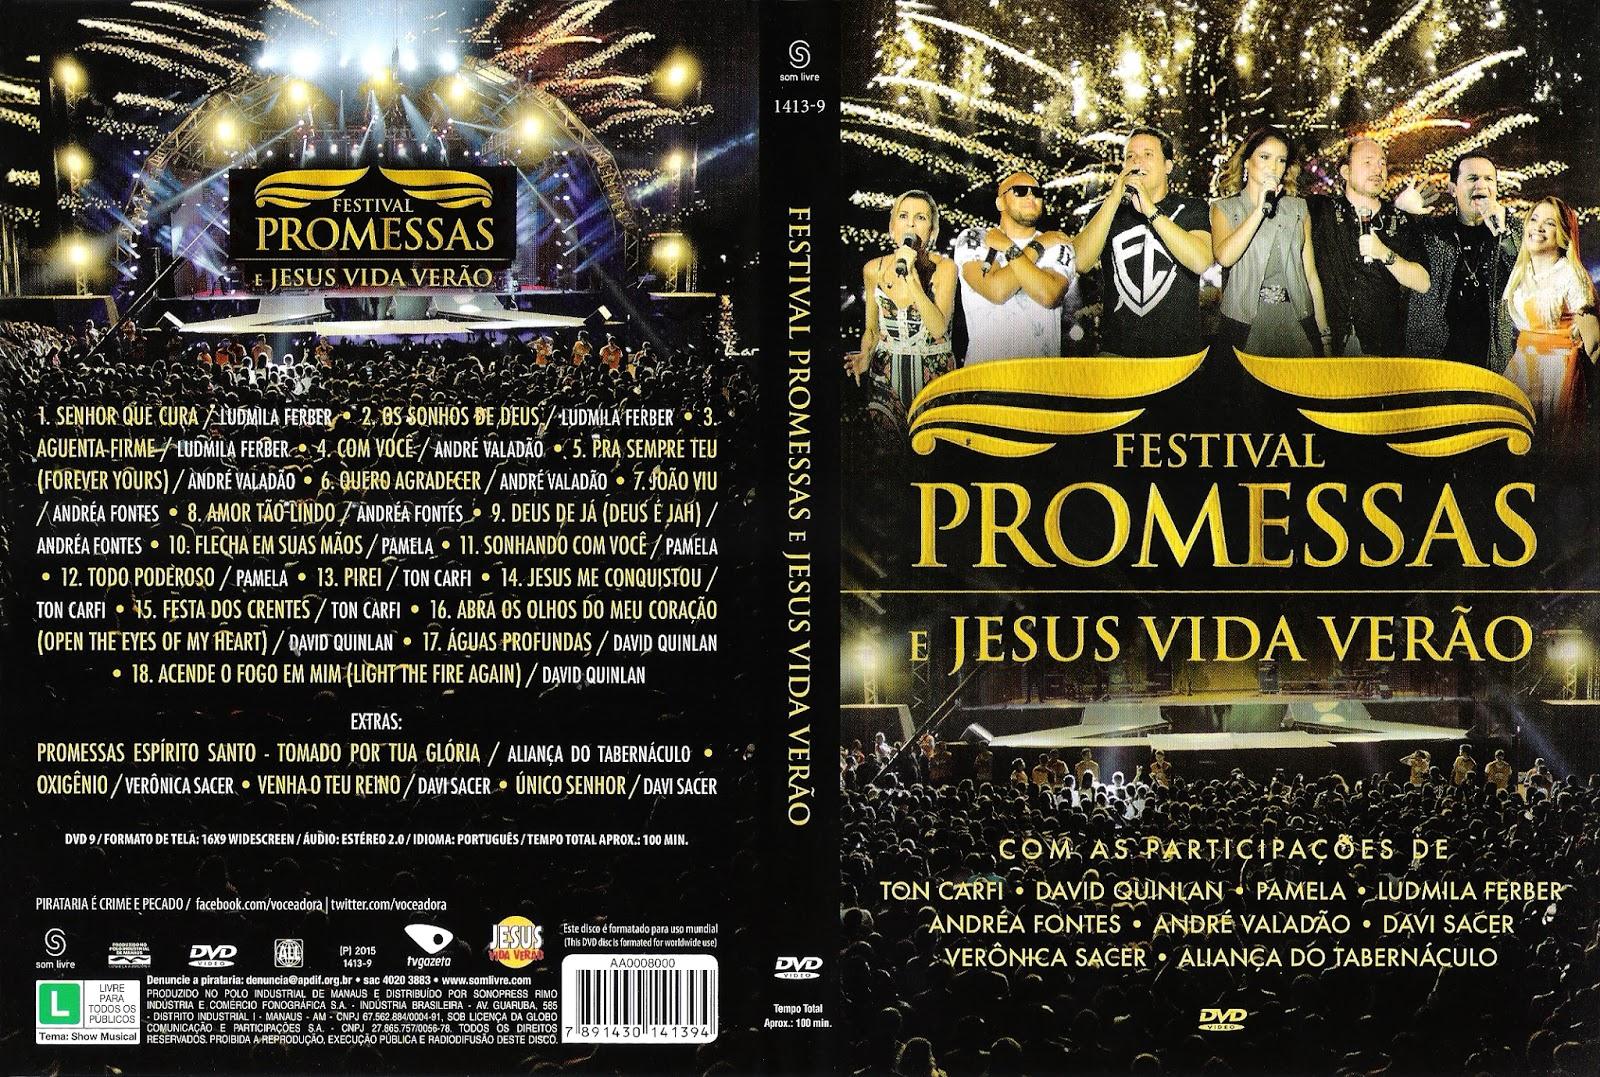 Download Festival Promessas E Jesus Vida Verão DVDRip XviD 2015 Festival 2BPromessas 2BE 2BJesus 2BVida 2BVer 25C3 25A3o 2BXANDAODOWNLOAD